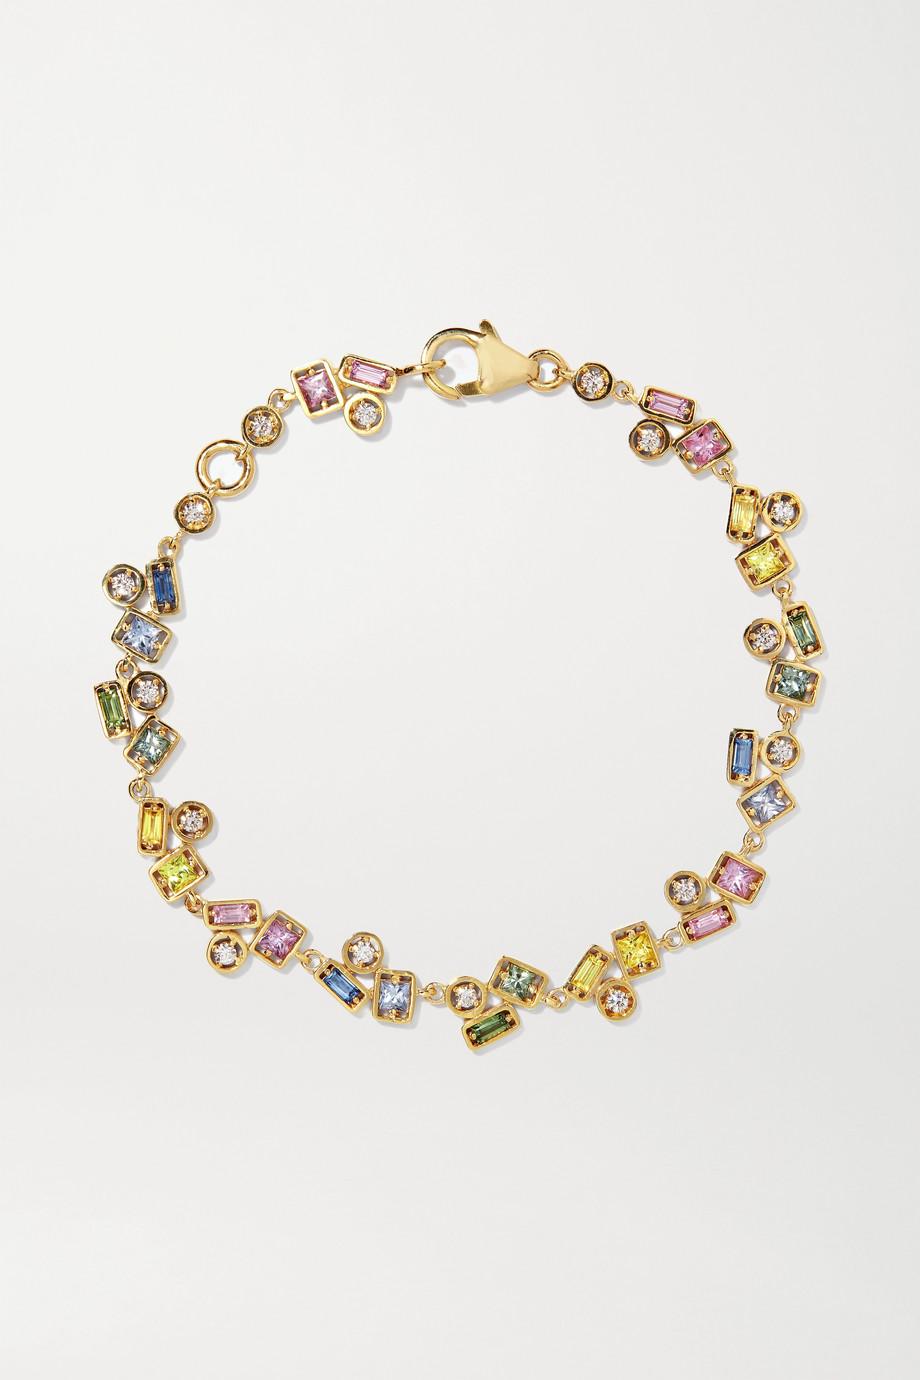 Suzanne Kalan Armband aus 18 Karat Gold mit Diamanten und Saphiren